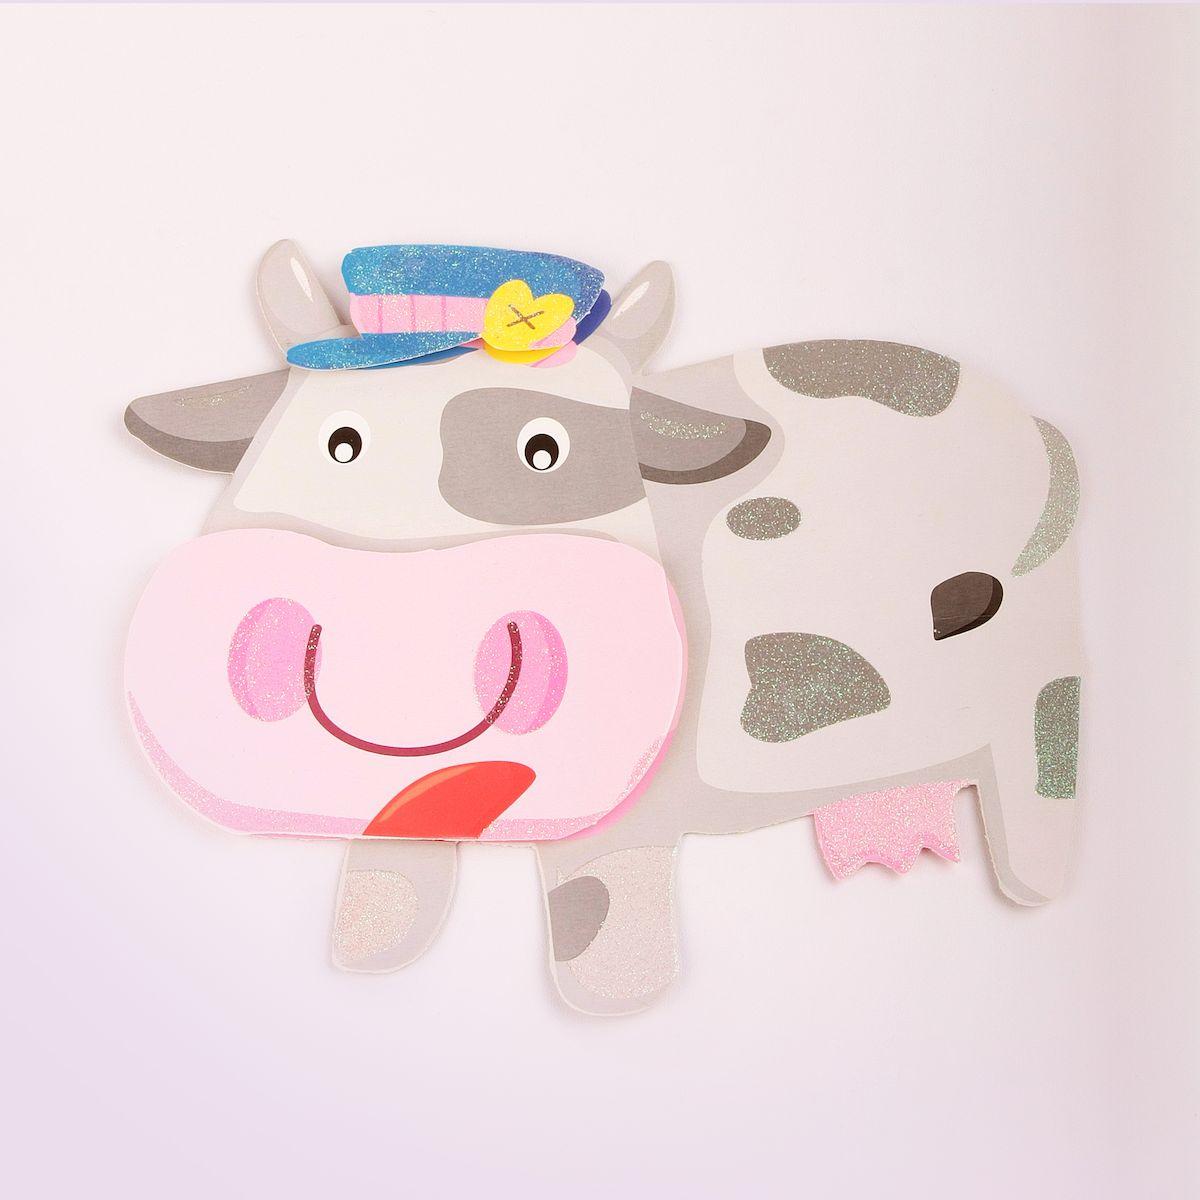 Наклейка декоративная Magic Home Коровка, 35,5 х 25 см31819Яркая, забавная наклейка украсит не только детскую комнату, но и станет отличным дополнением к любому подарку. Наклейку можно использовать как украшение стен и, например, фасадов шкафов и различных ящиков.